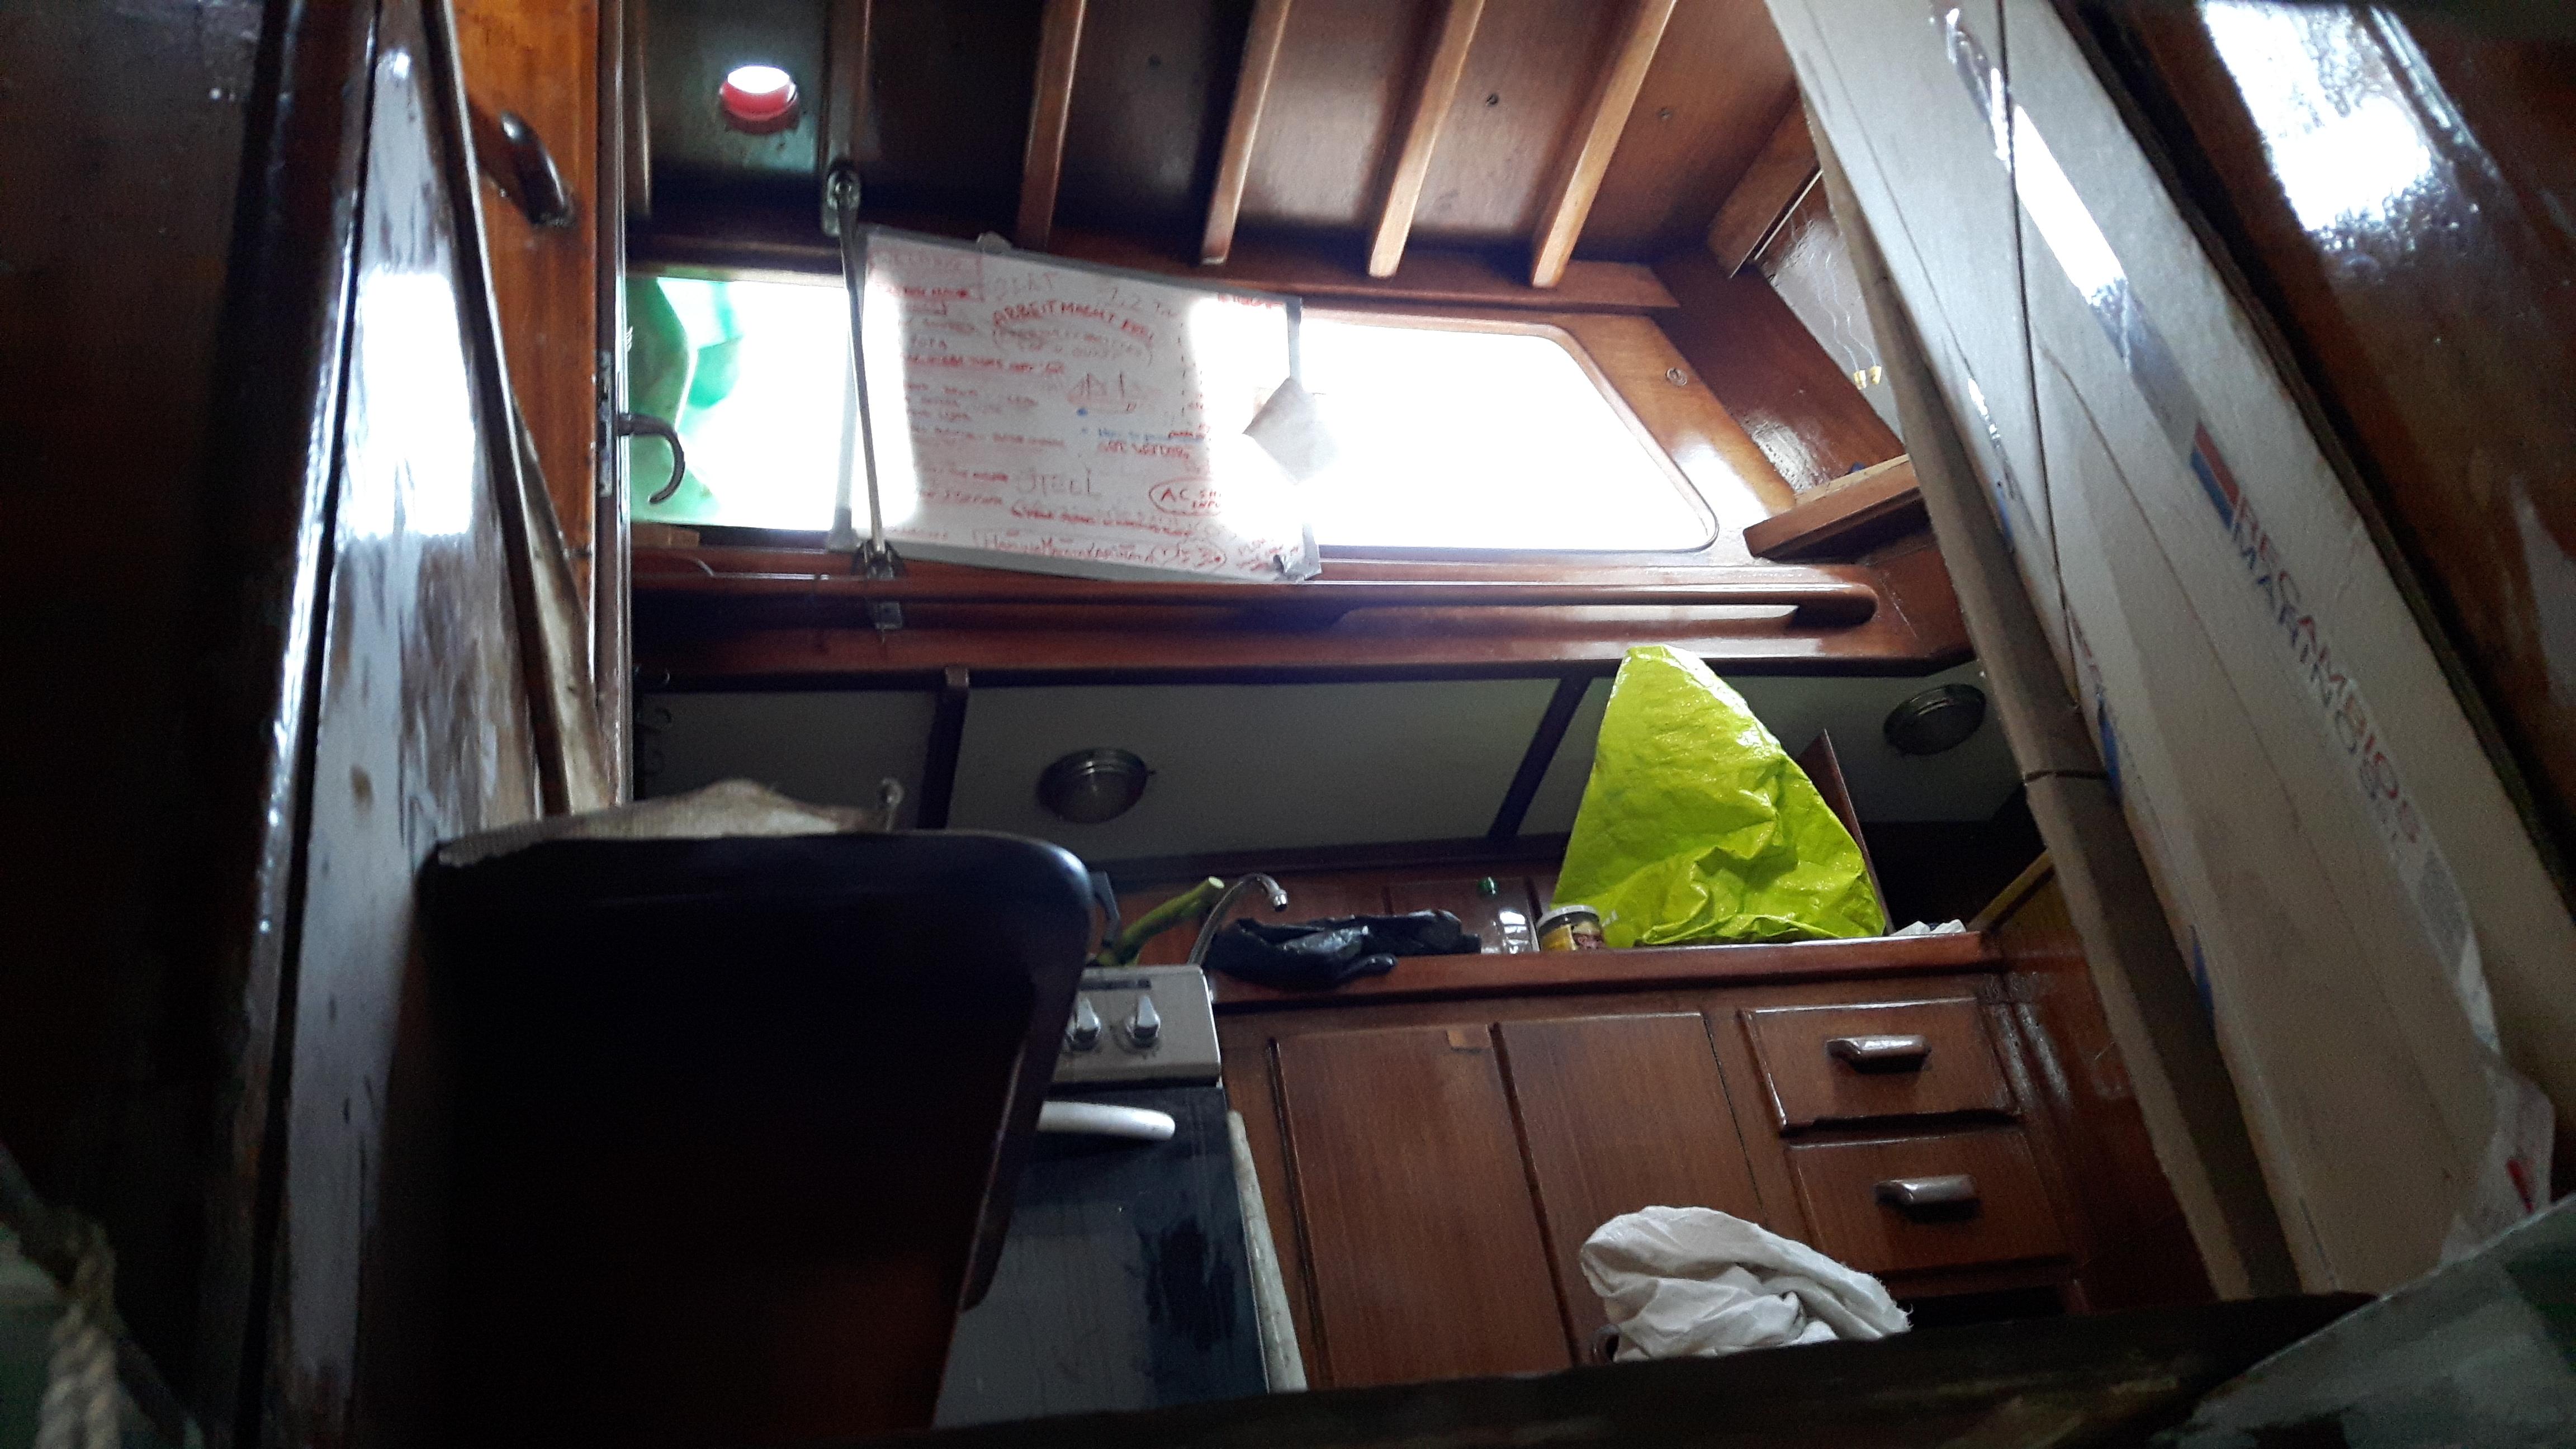 """Foto gemaakt door Melinda dóór een van de enorme gaten van de stalen scheepsromp van een 100 jaar oude duitse S-Spant op de werf die geen plek voor ons had. Schitterend geklonken schip, stokverrot. Op het bord is de lezen """"Arbeit macht Frei"""""""